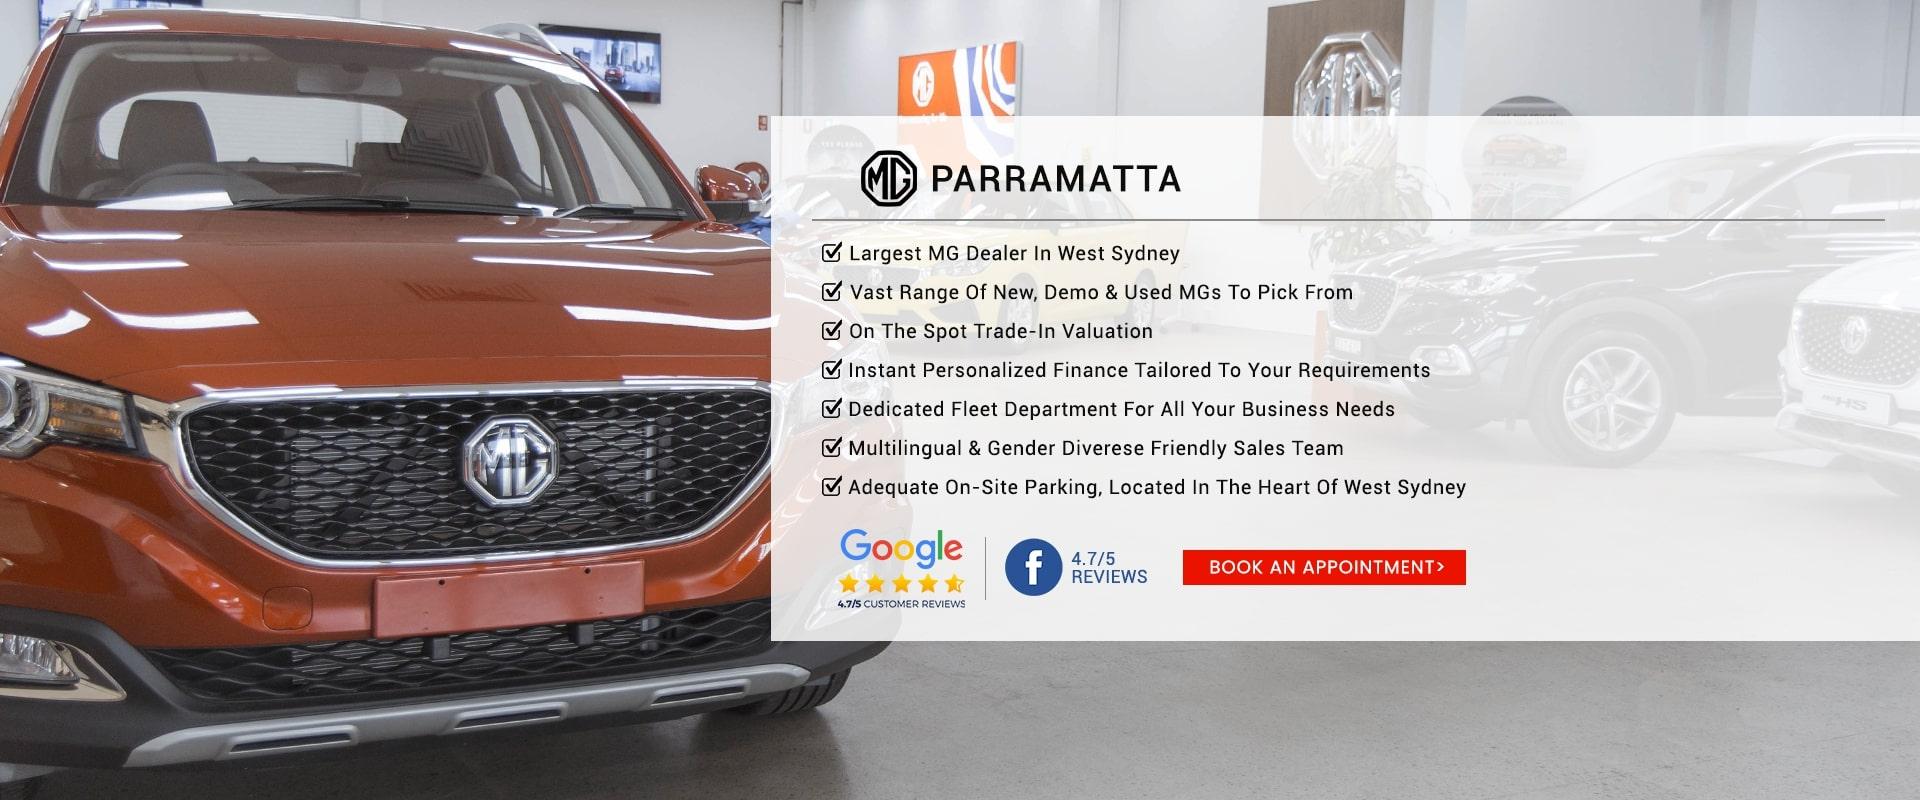 Parramatta MG Dealer